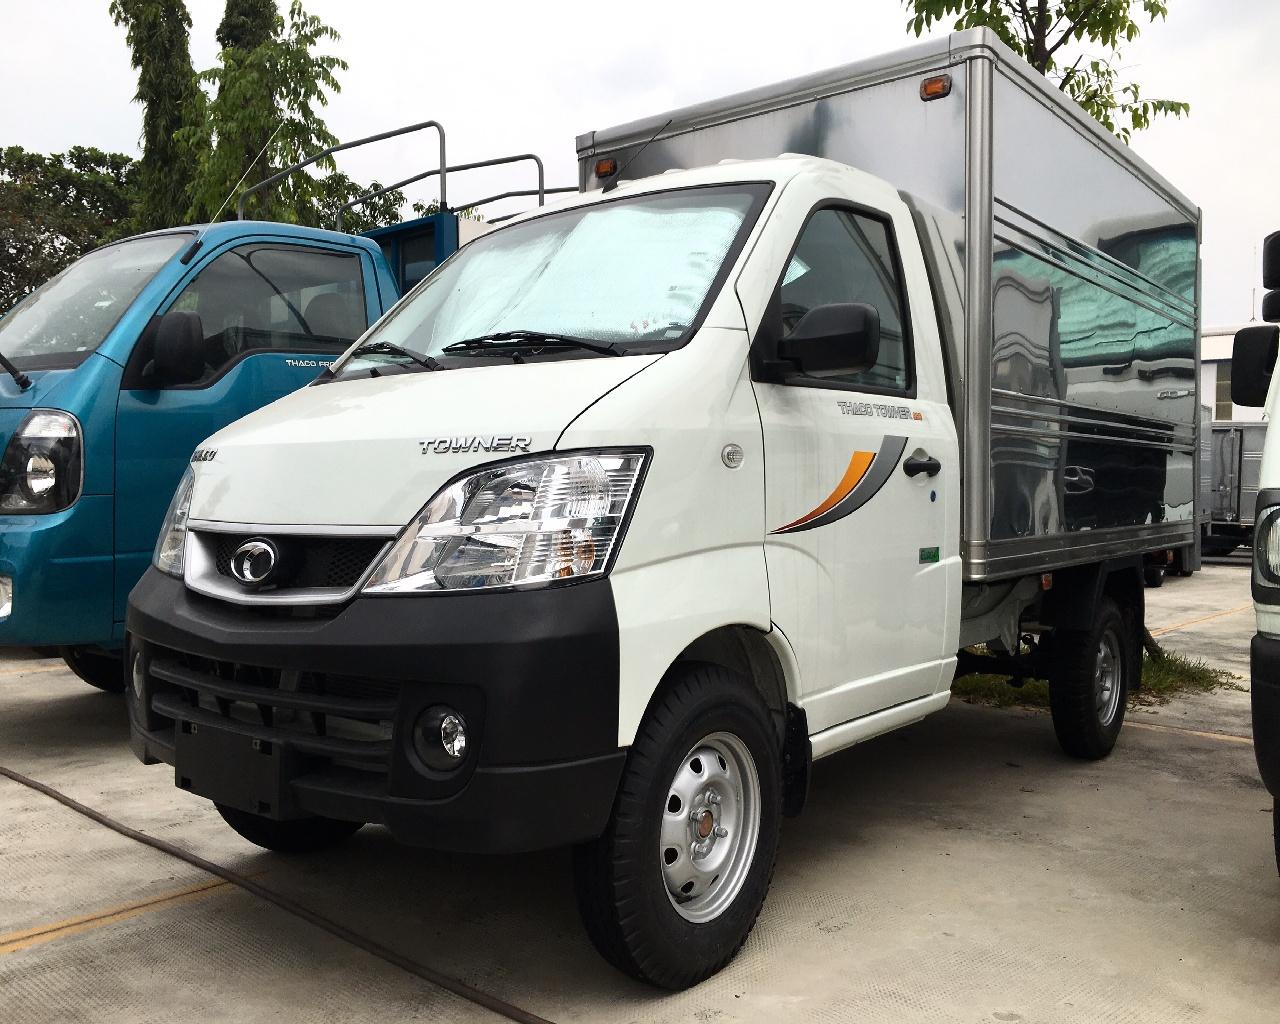 Bán xe tải THACO TOWNER990 2019. Miễn 100% thuế trước bạ. Hỗ trợ trả góp 70-75%.